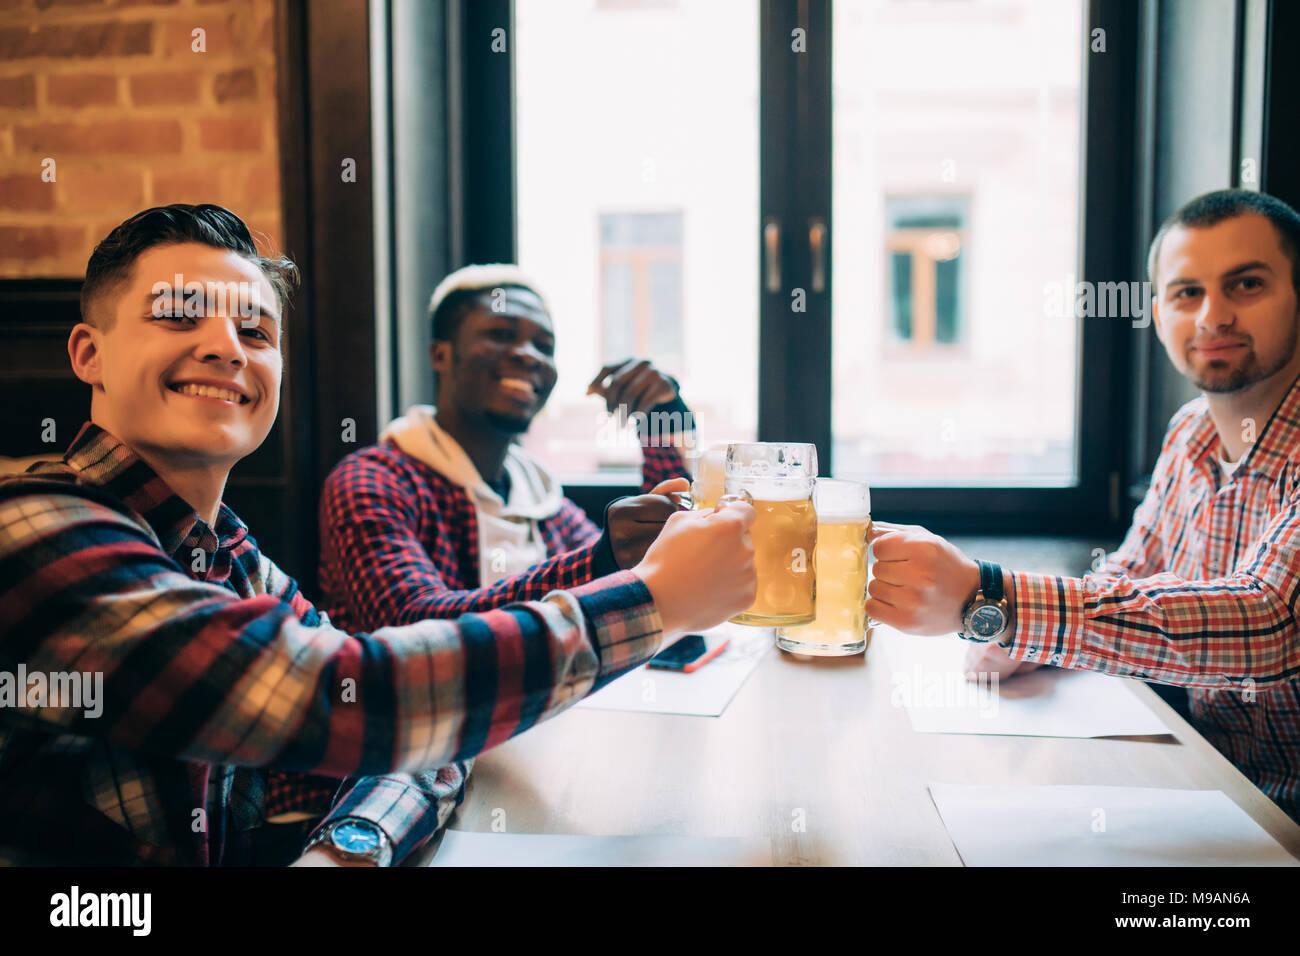 Grupo de jóvenes trabajadores de oficina tintineo feliz con cerveza en el pub, mirando, sonriendo. Foto de stock